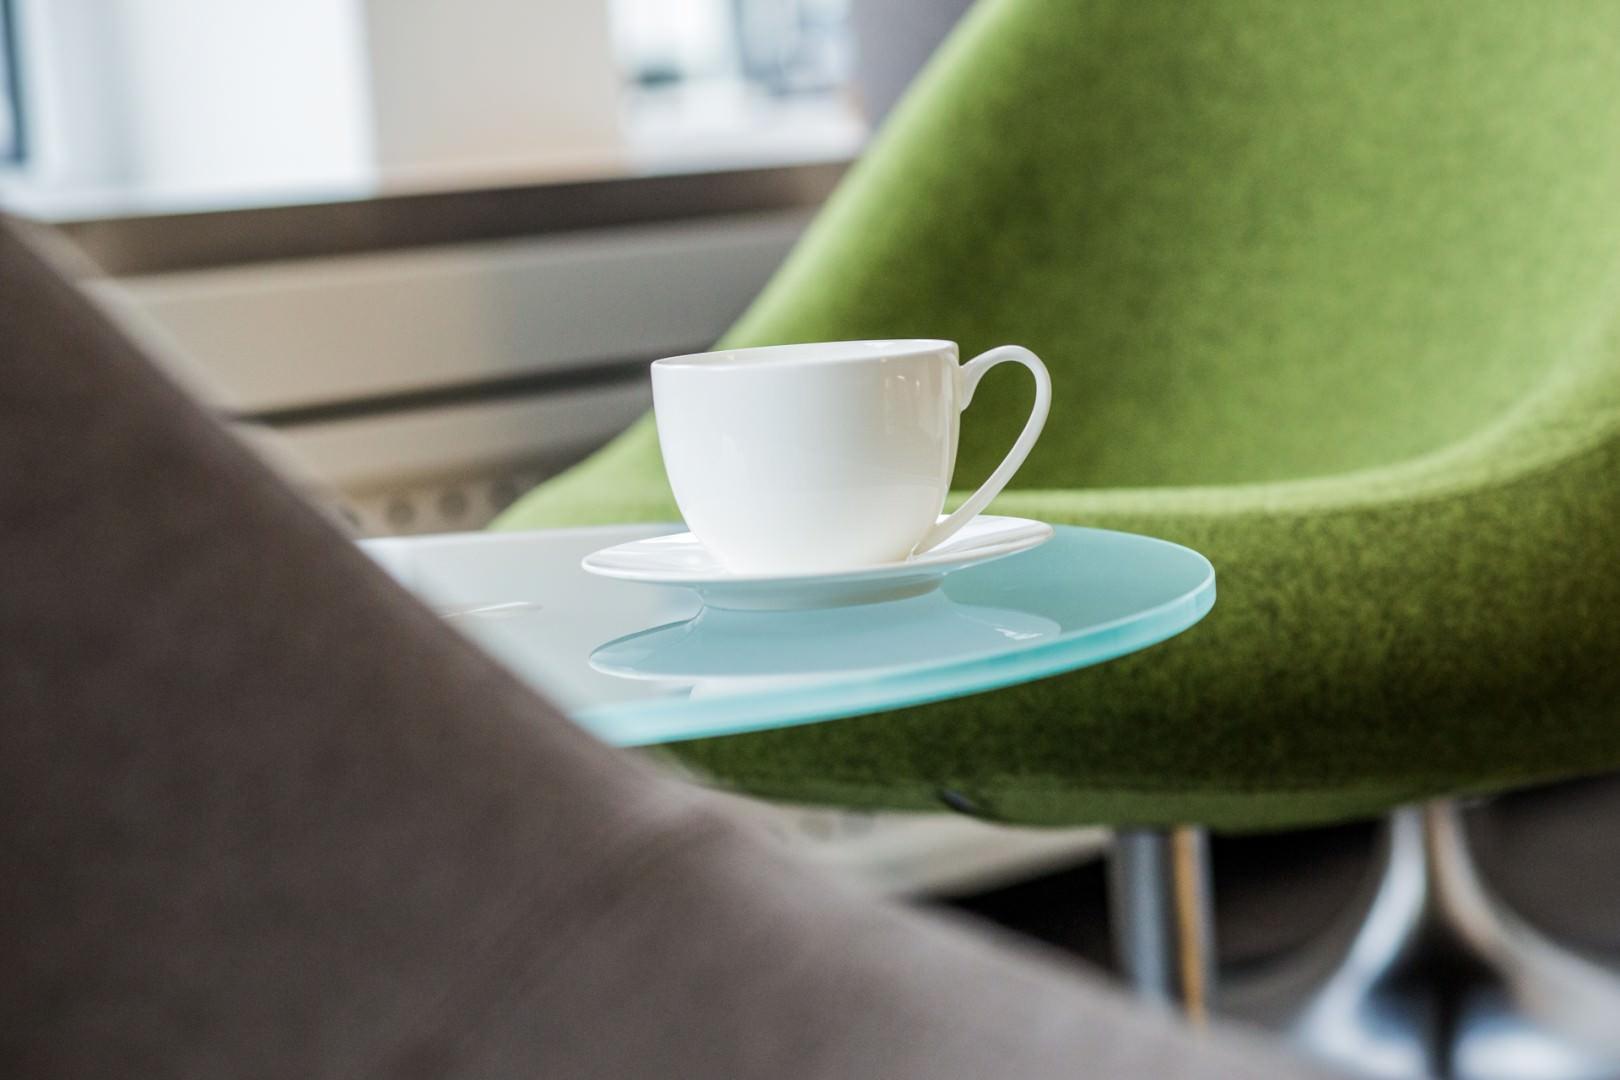 Detailaufnahme einer Kaffeetasse im Wartezimmer der Zahnarztpraxis Zahnkultur in der Kölner Innenstadt